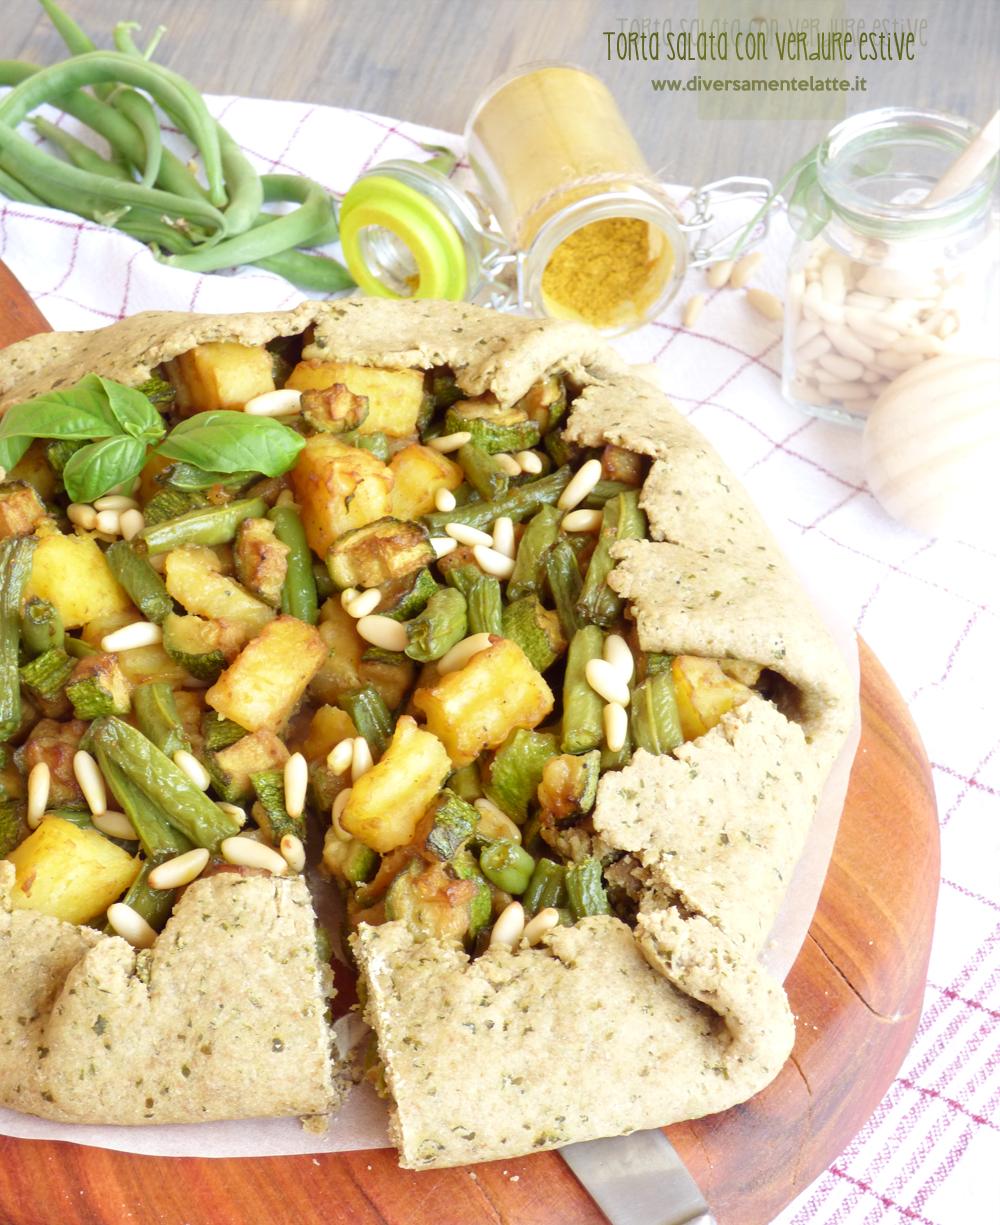 torta salata con verdure estive senza lattosio